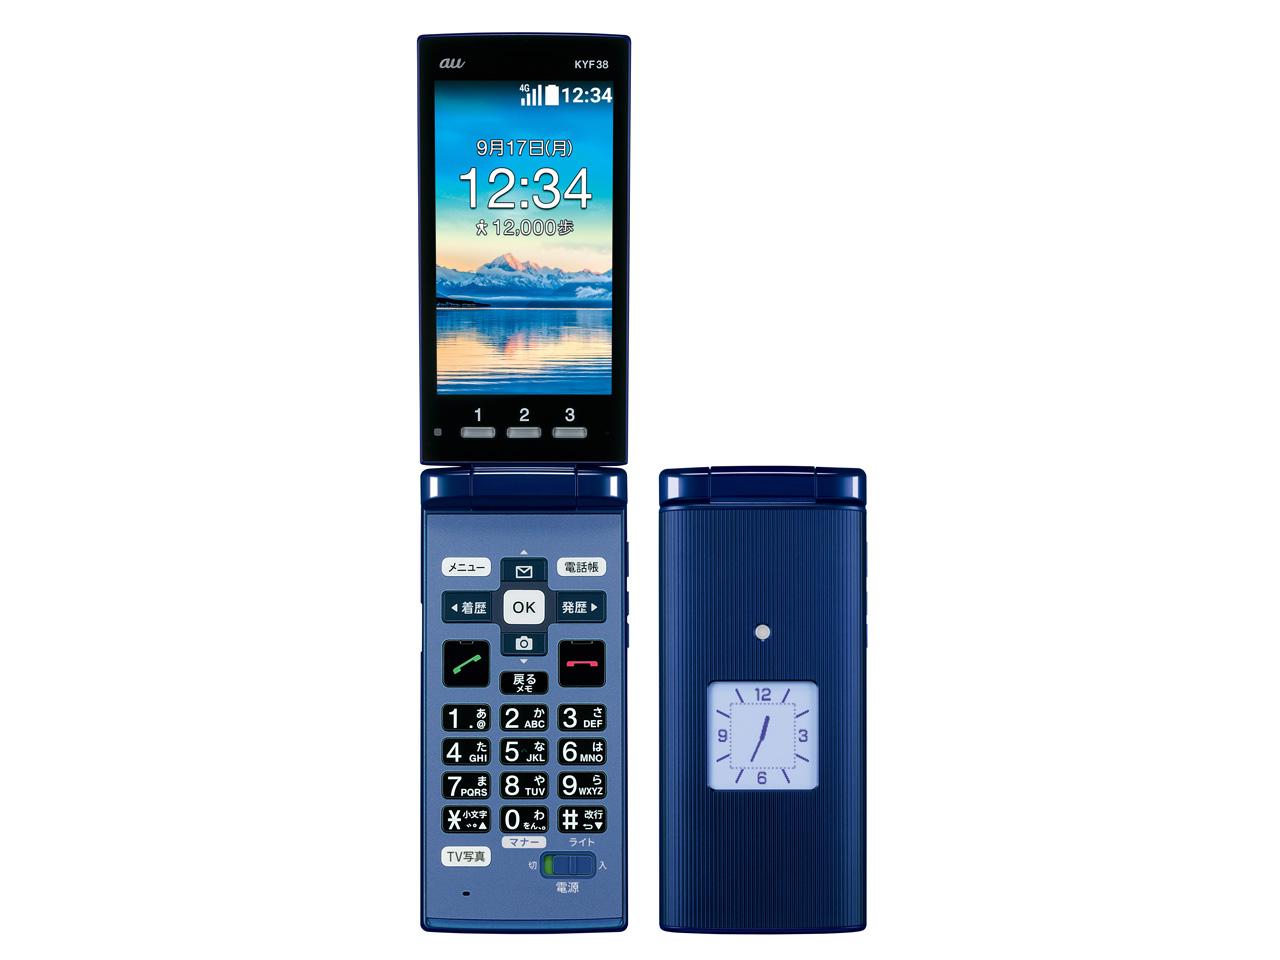 【新品・白ロム・本体】SIMロック解除済 au かんたんケータイ KYF38 ロイヤルブルー 携帯電話 KYF38 ロイヤルブルー kyf38